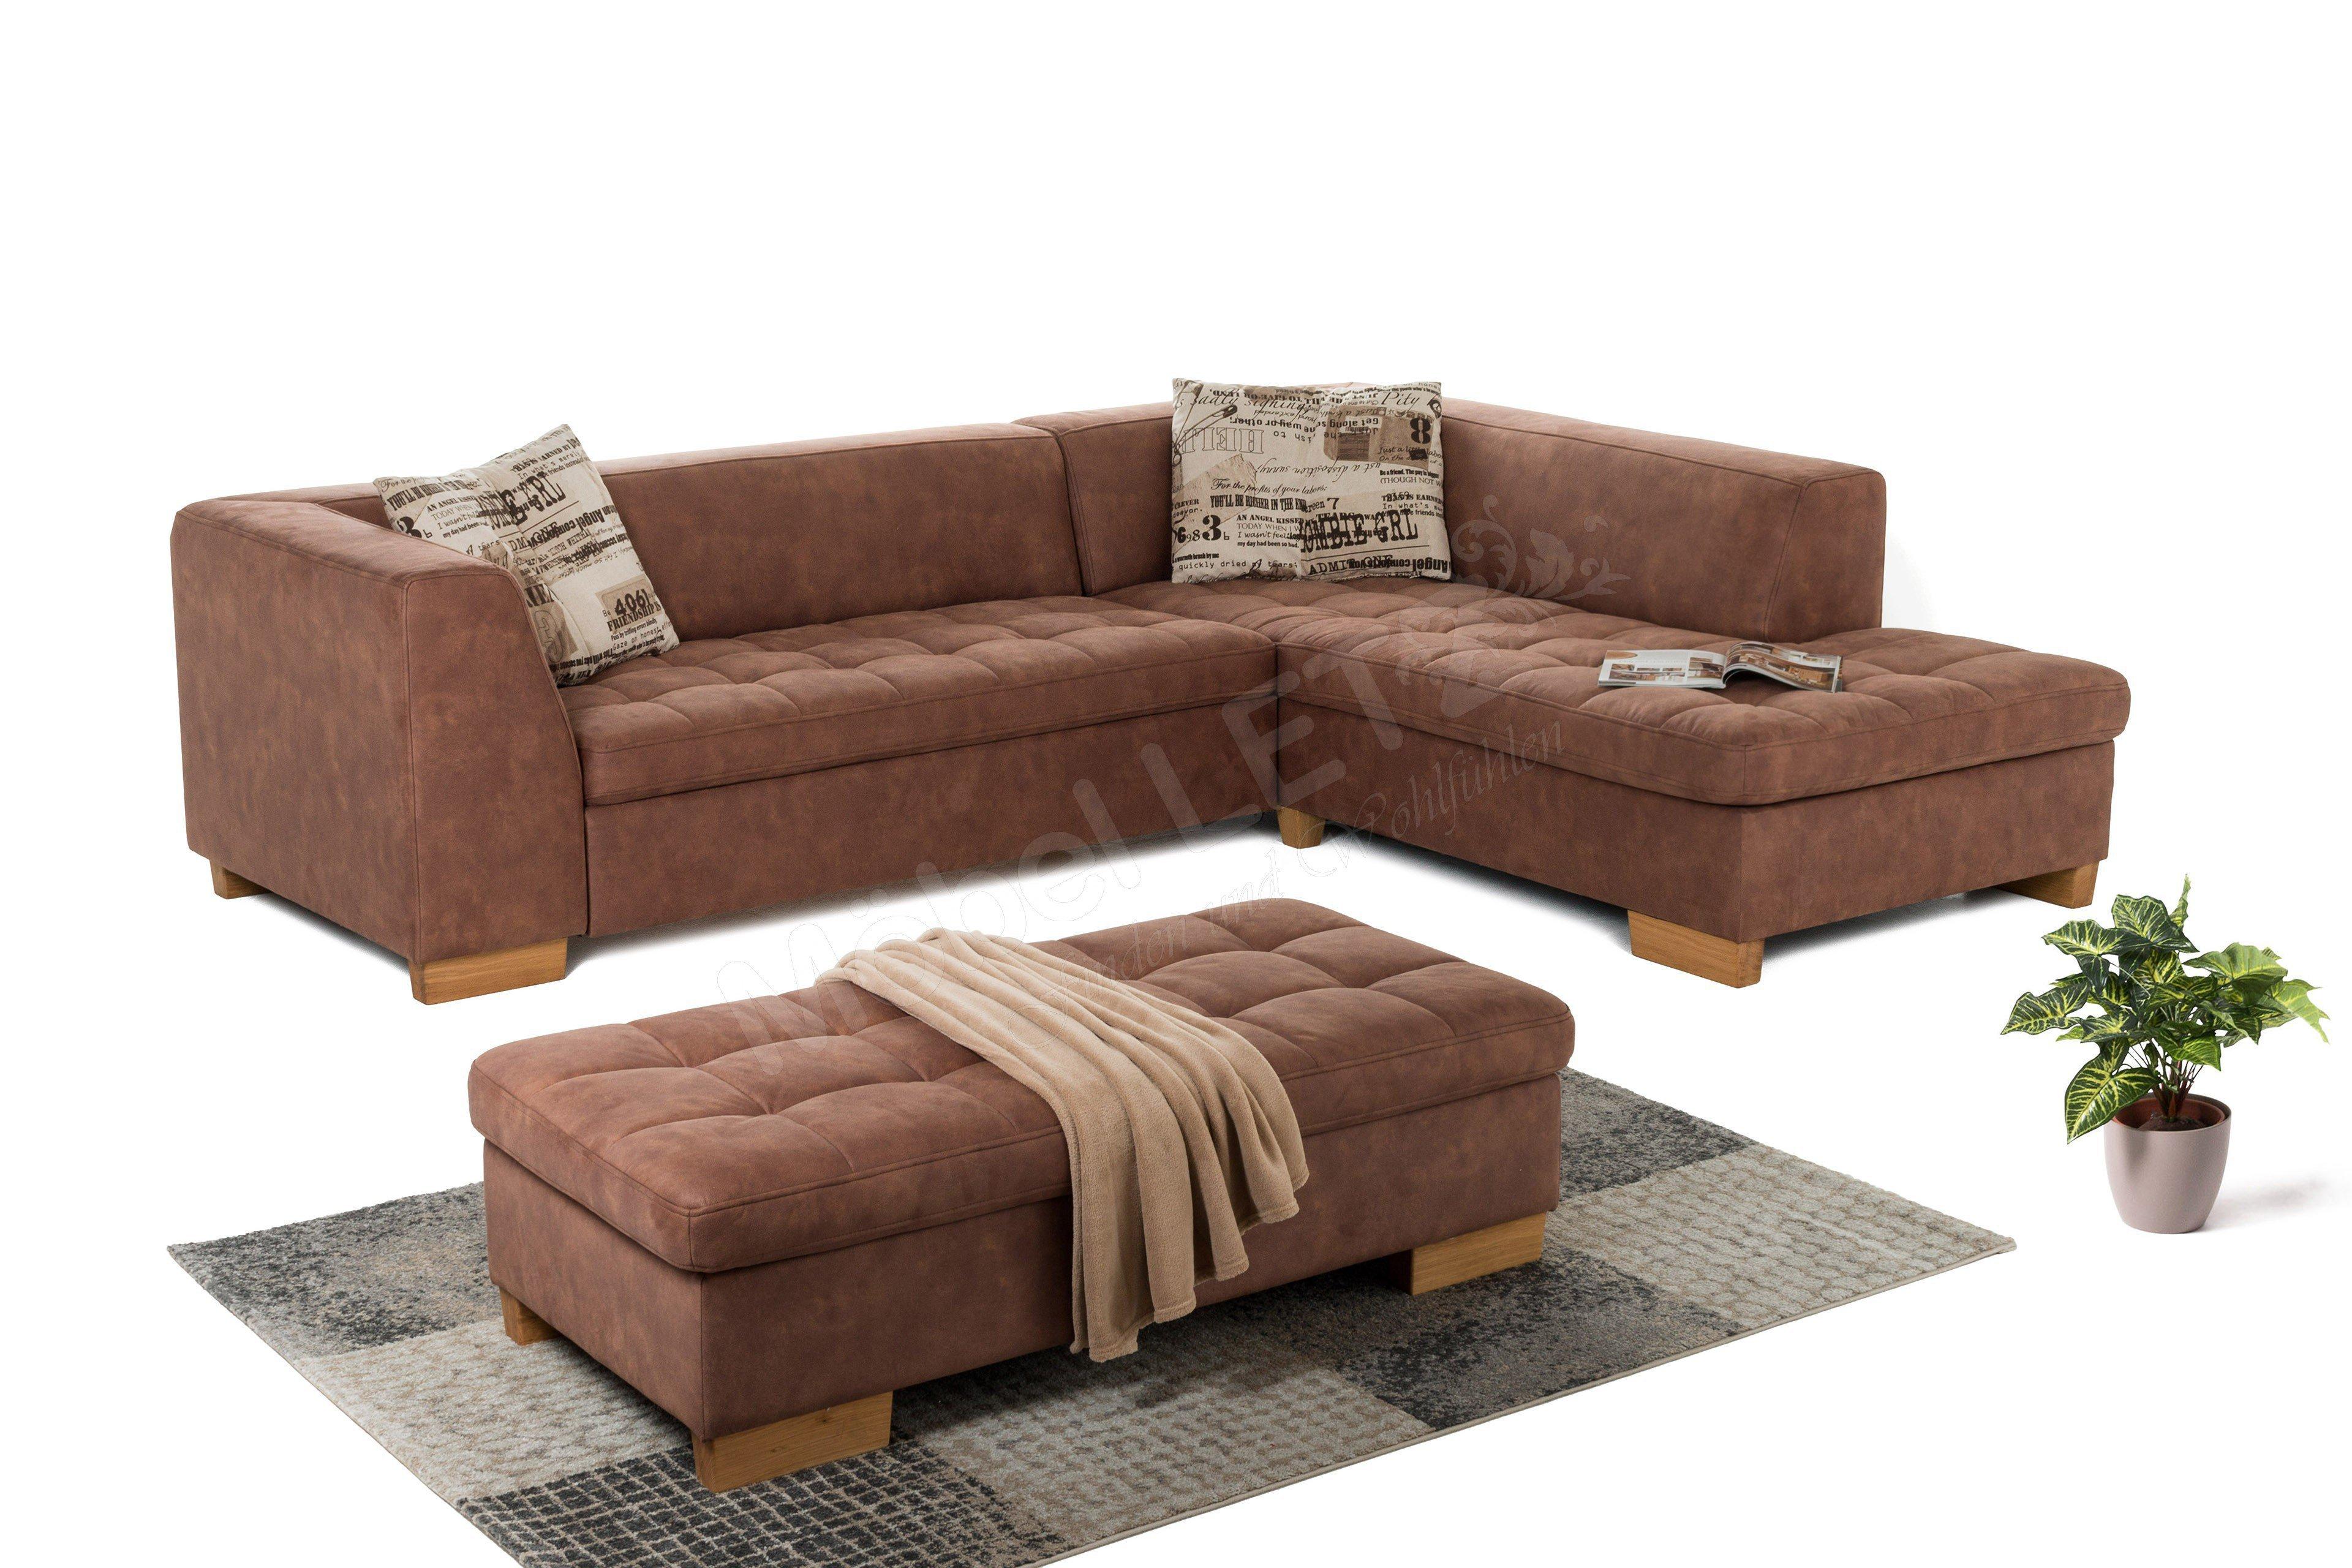 pora polsterm bel prado polsterecke in braun m bel letz ihr online shop. Black Bedroom Furniture Sets. Home Design Ideas